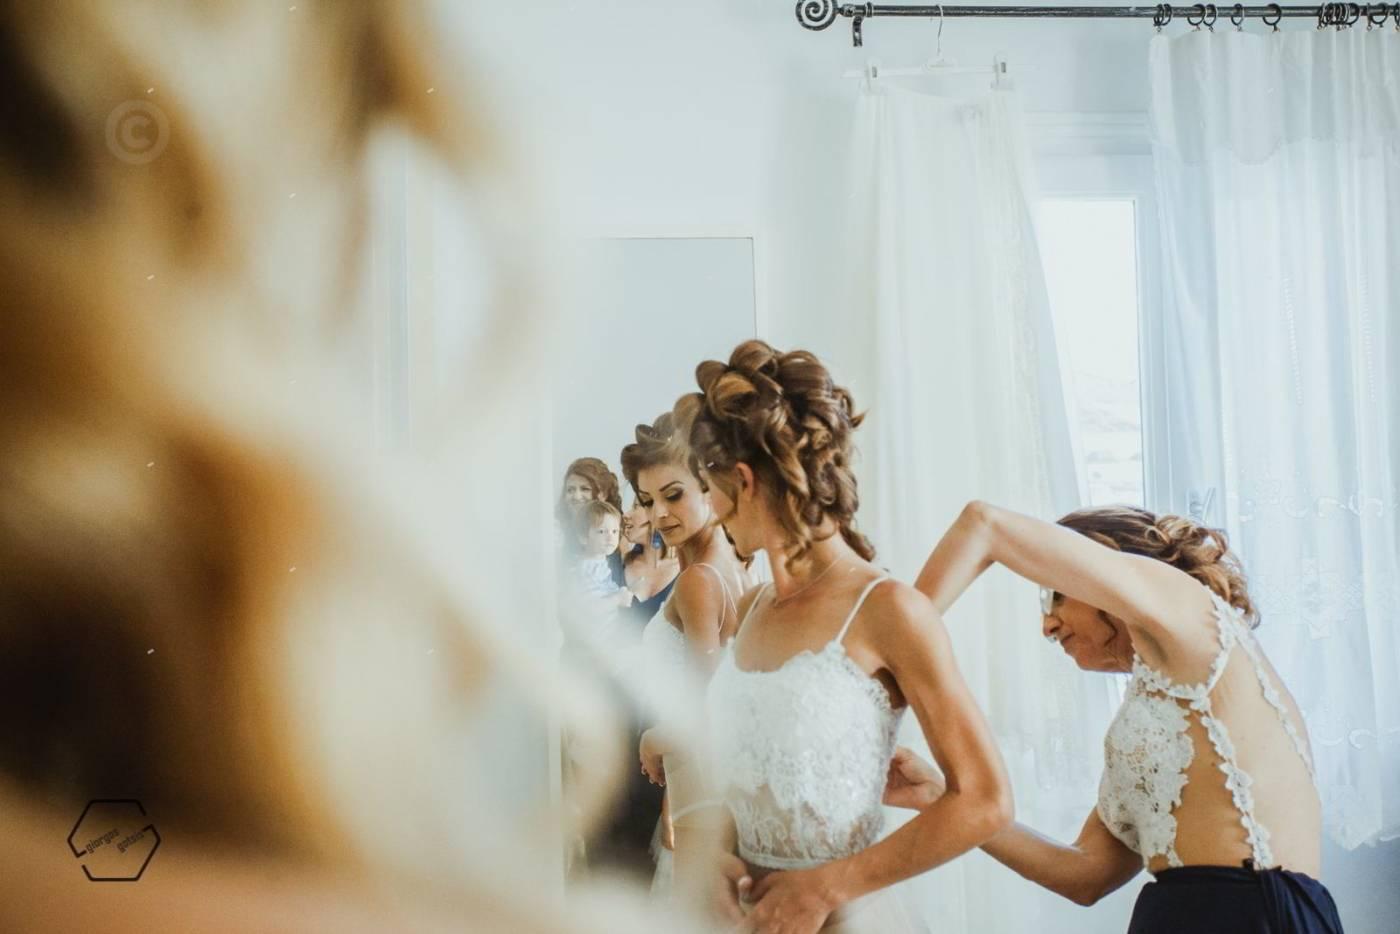 κινηματογράφηση γάμου | wedding cinematography